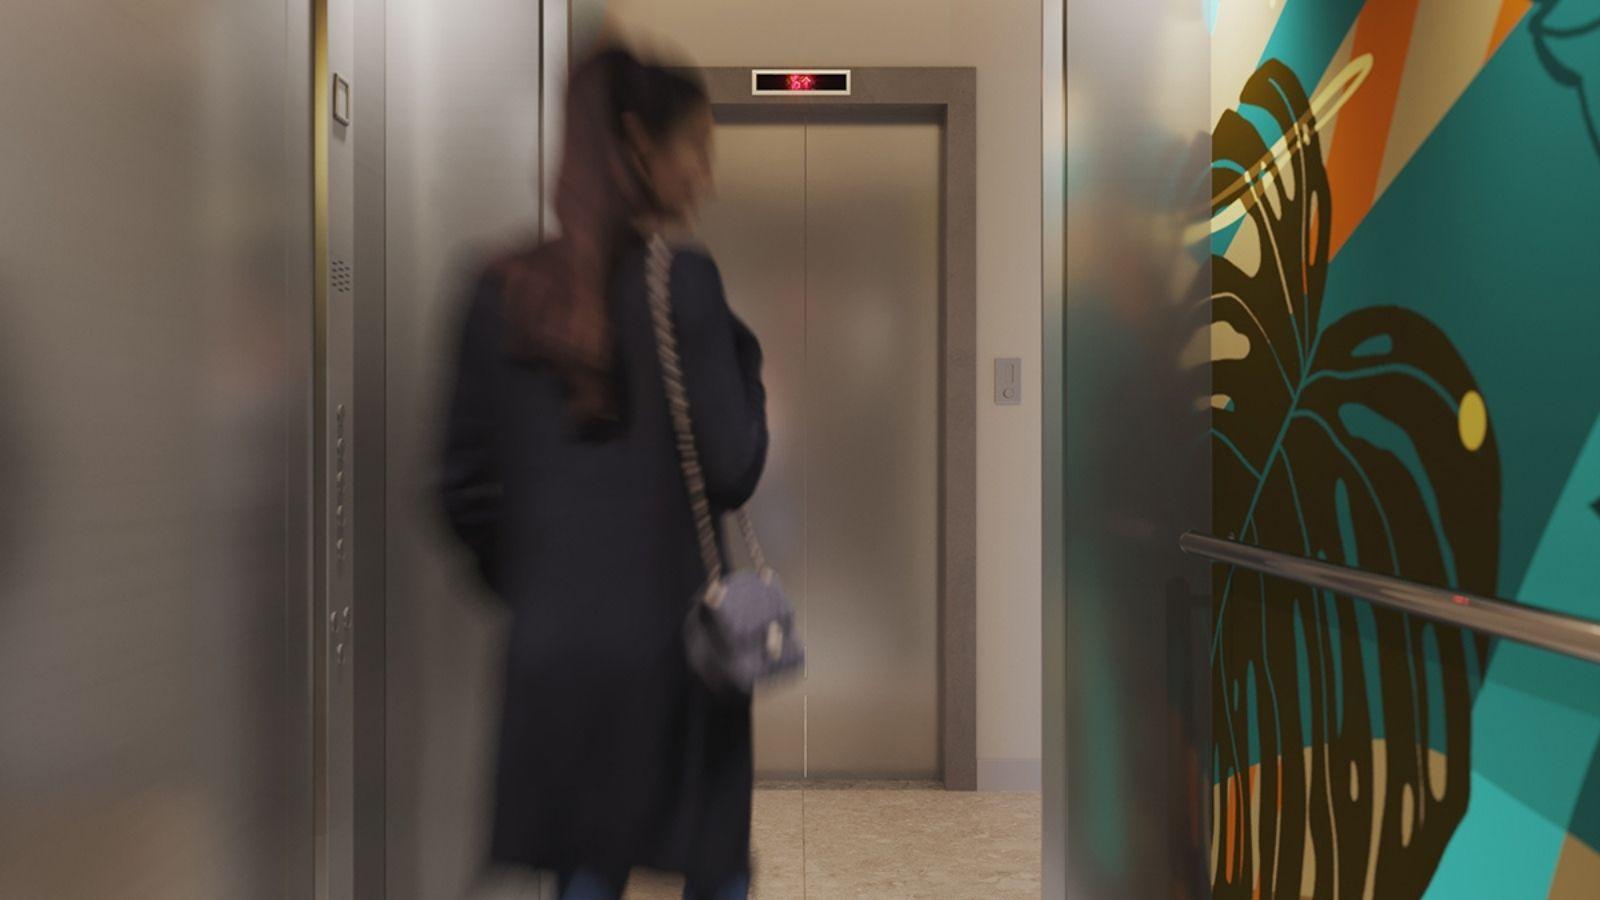 Perspectiva ilustrada do elevador